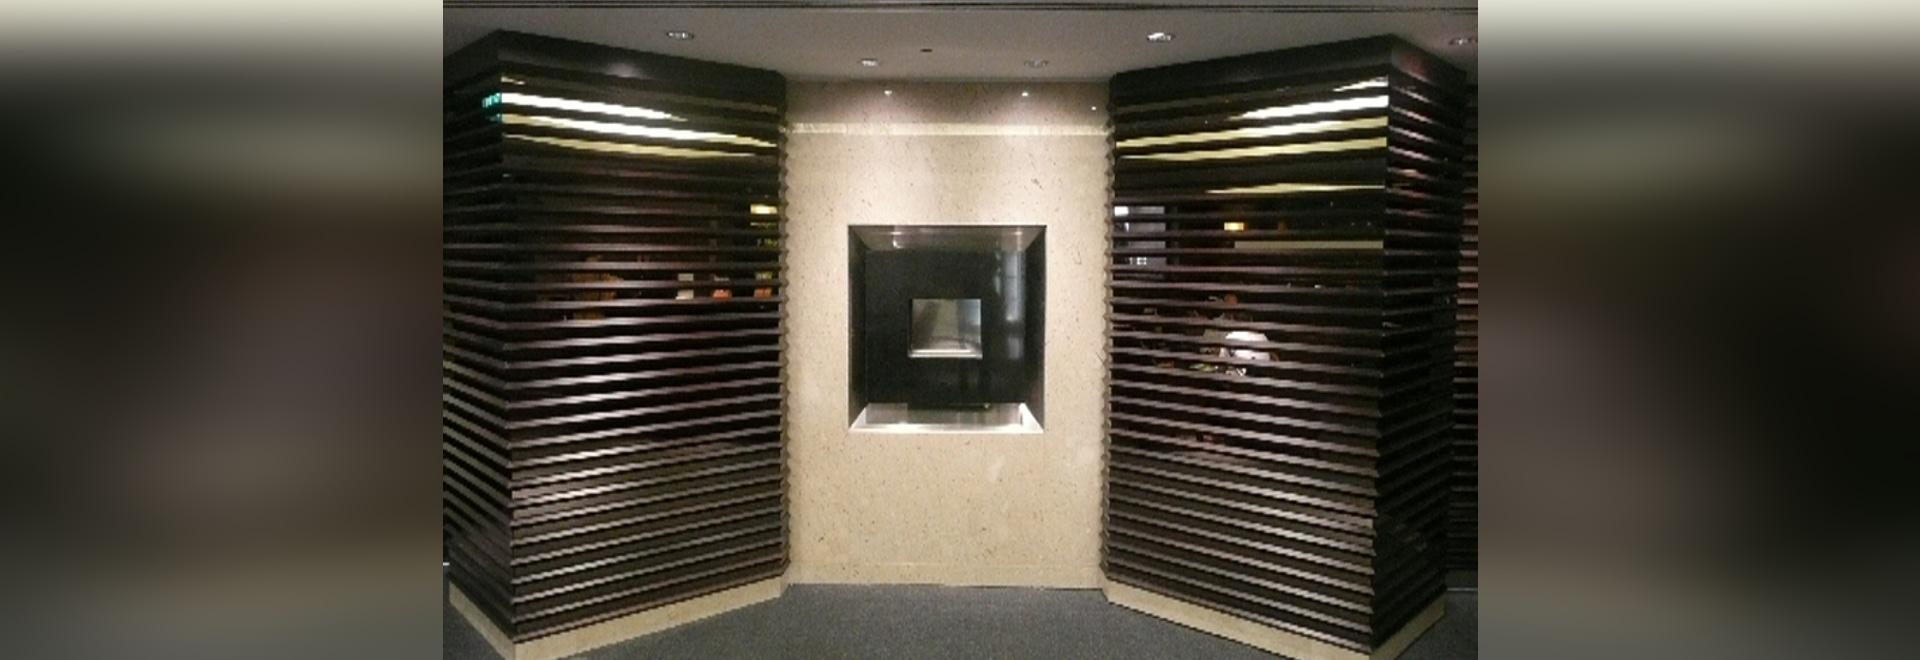 Vertieftes Flueless installierte in Hotel